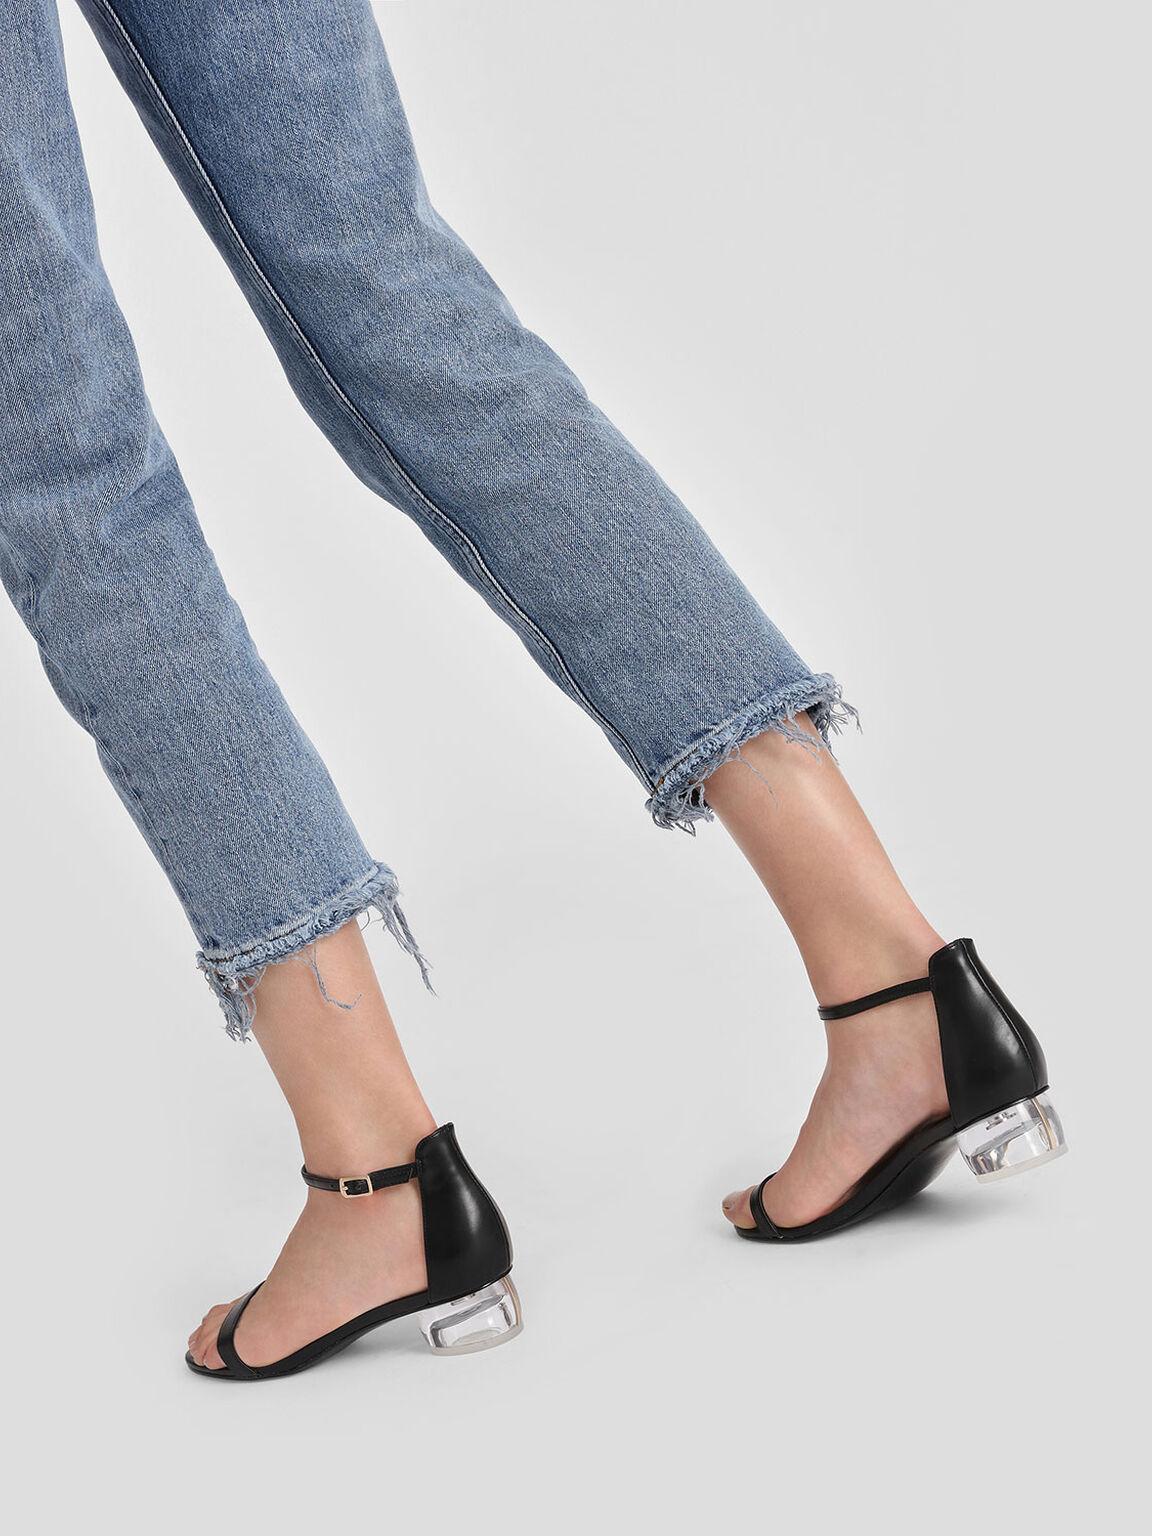 Lucite Heel Ankle Strap Sandals, Black, hi-res